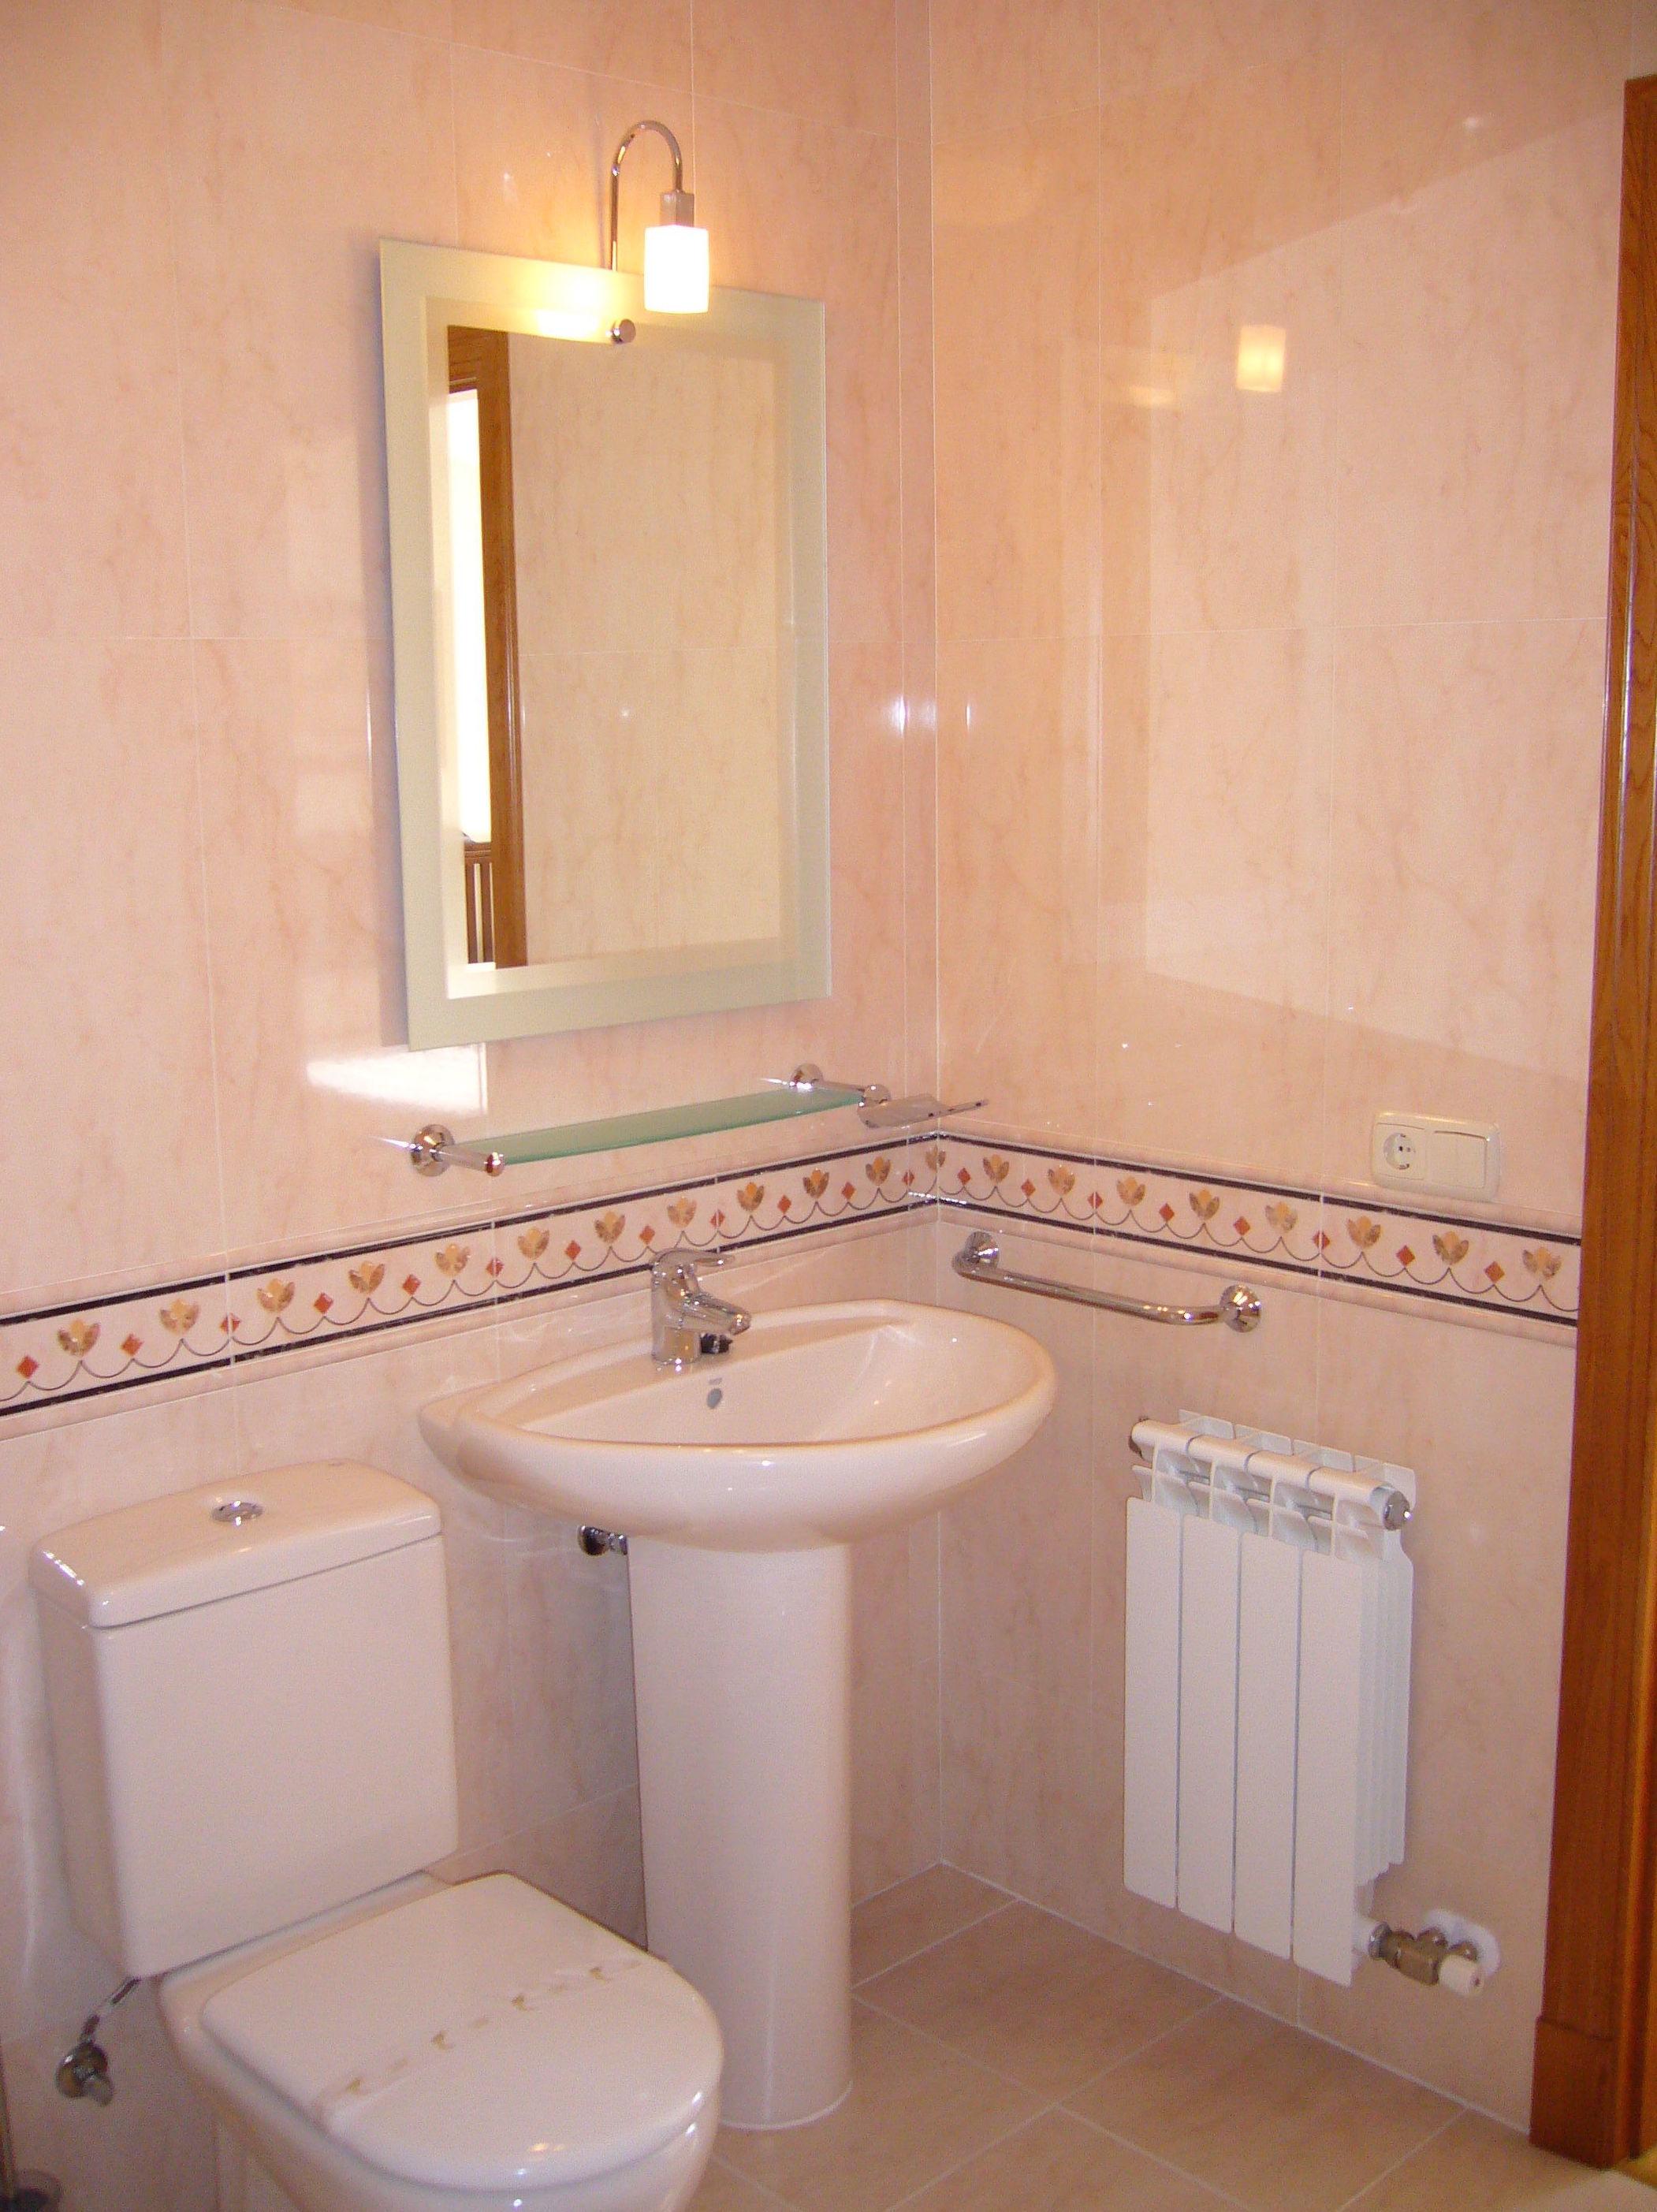 Detalle de una cuarto de baño